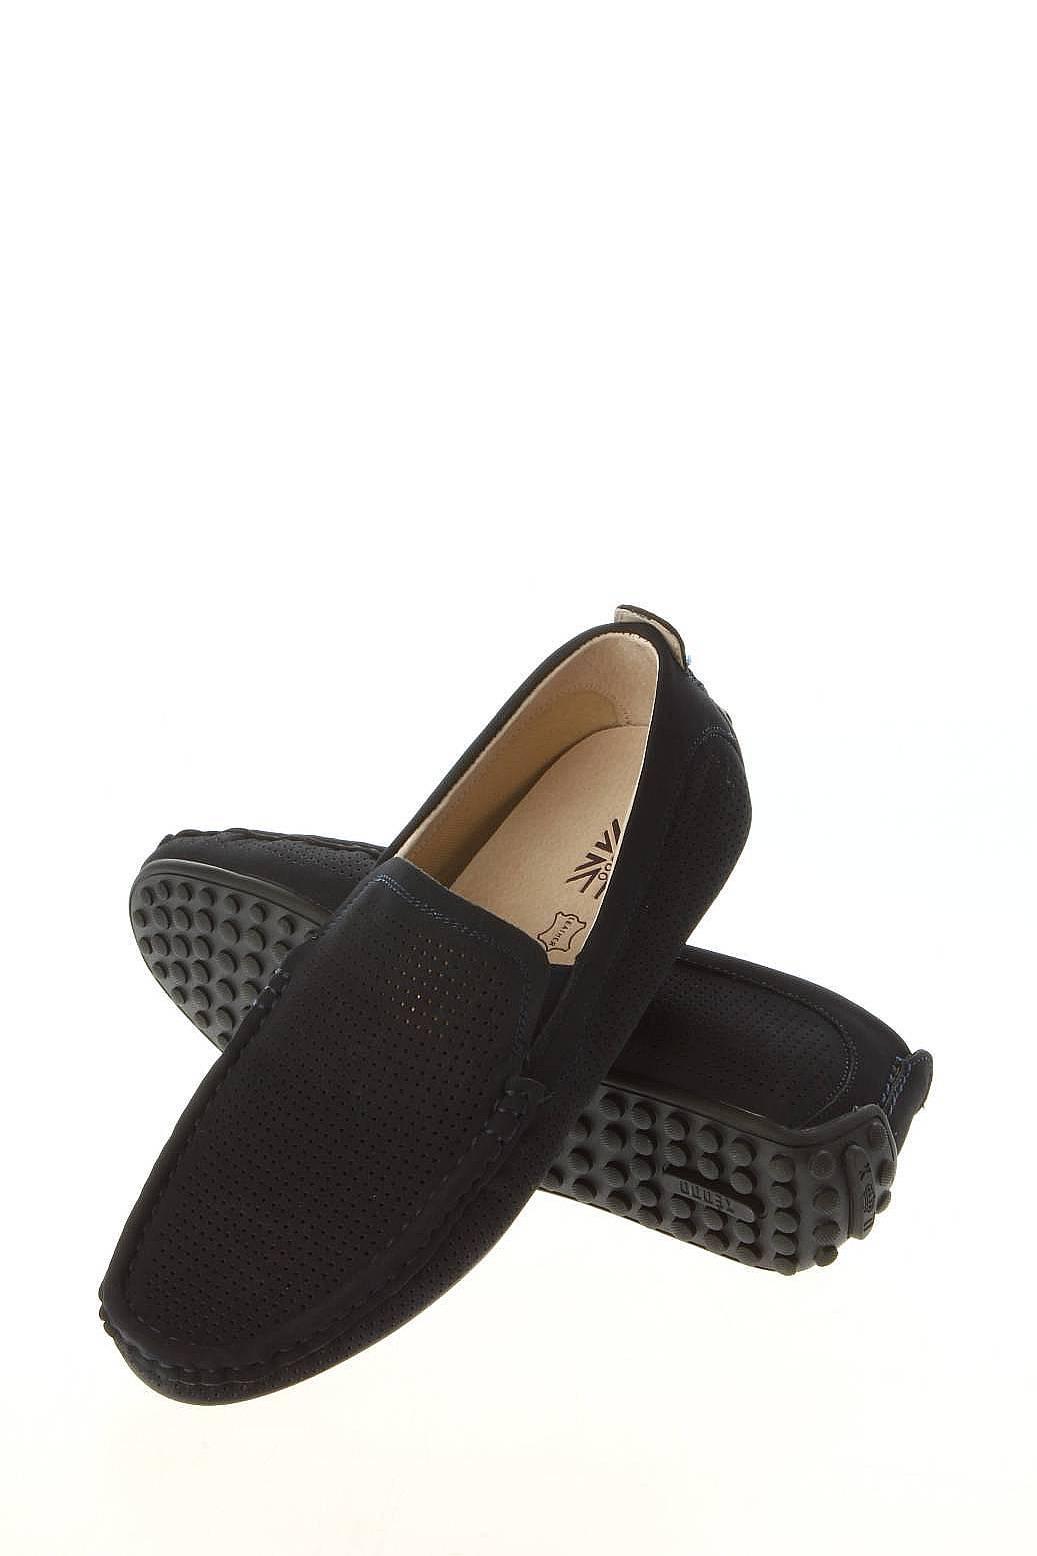 Мужская Обувь Детская Обувь Мокасины: KEDDO Обувь